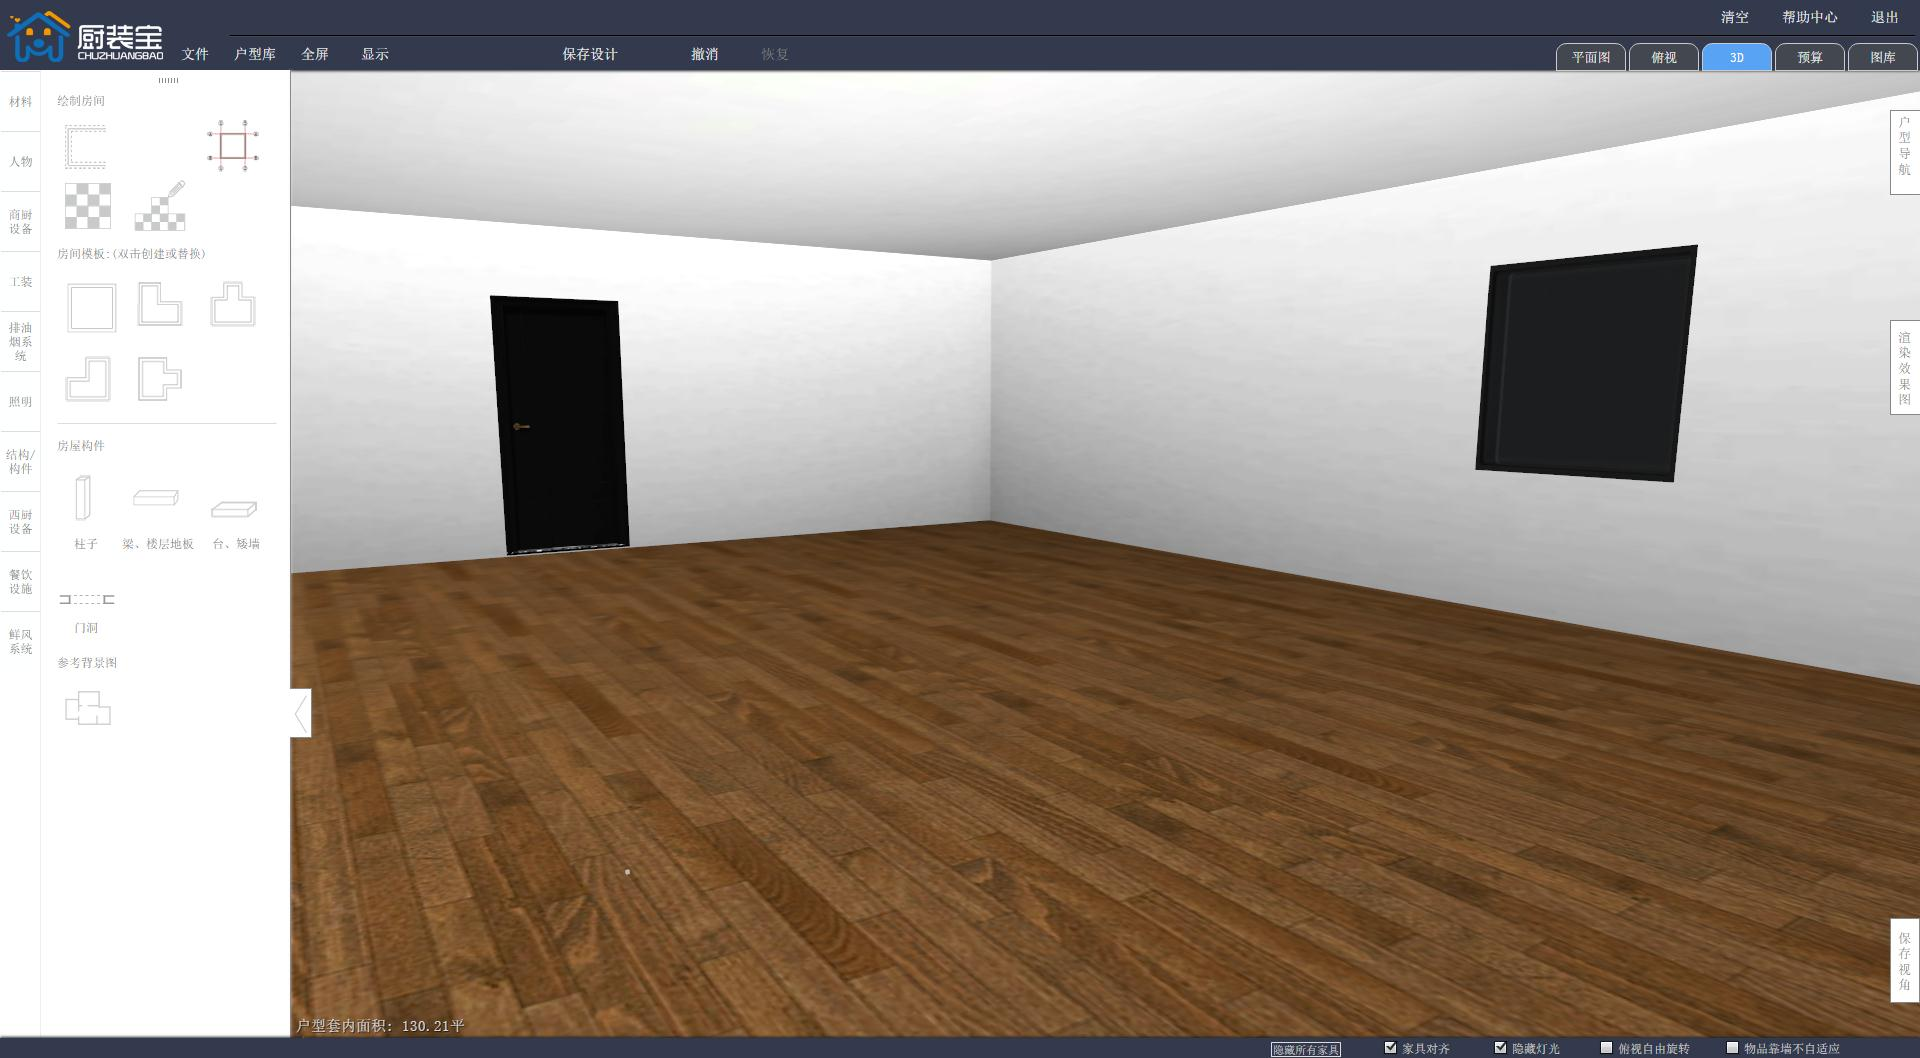 厨房宝3D云商厨设计软件使用教程